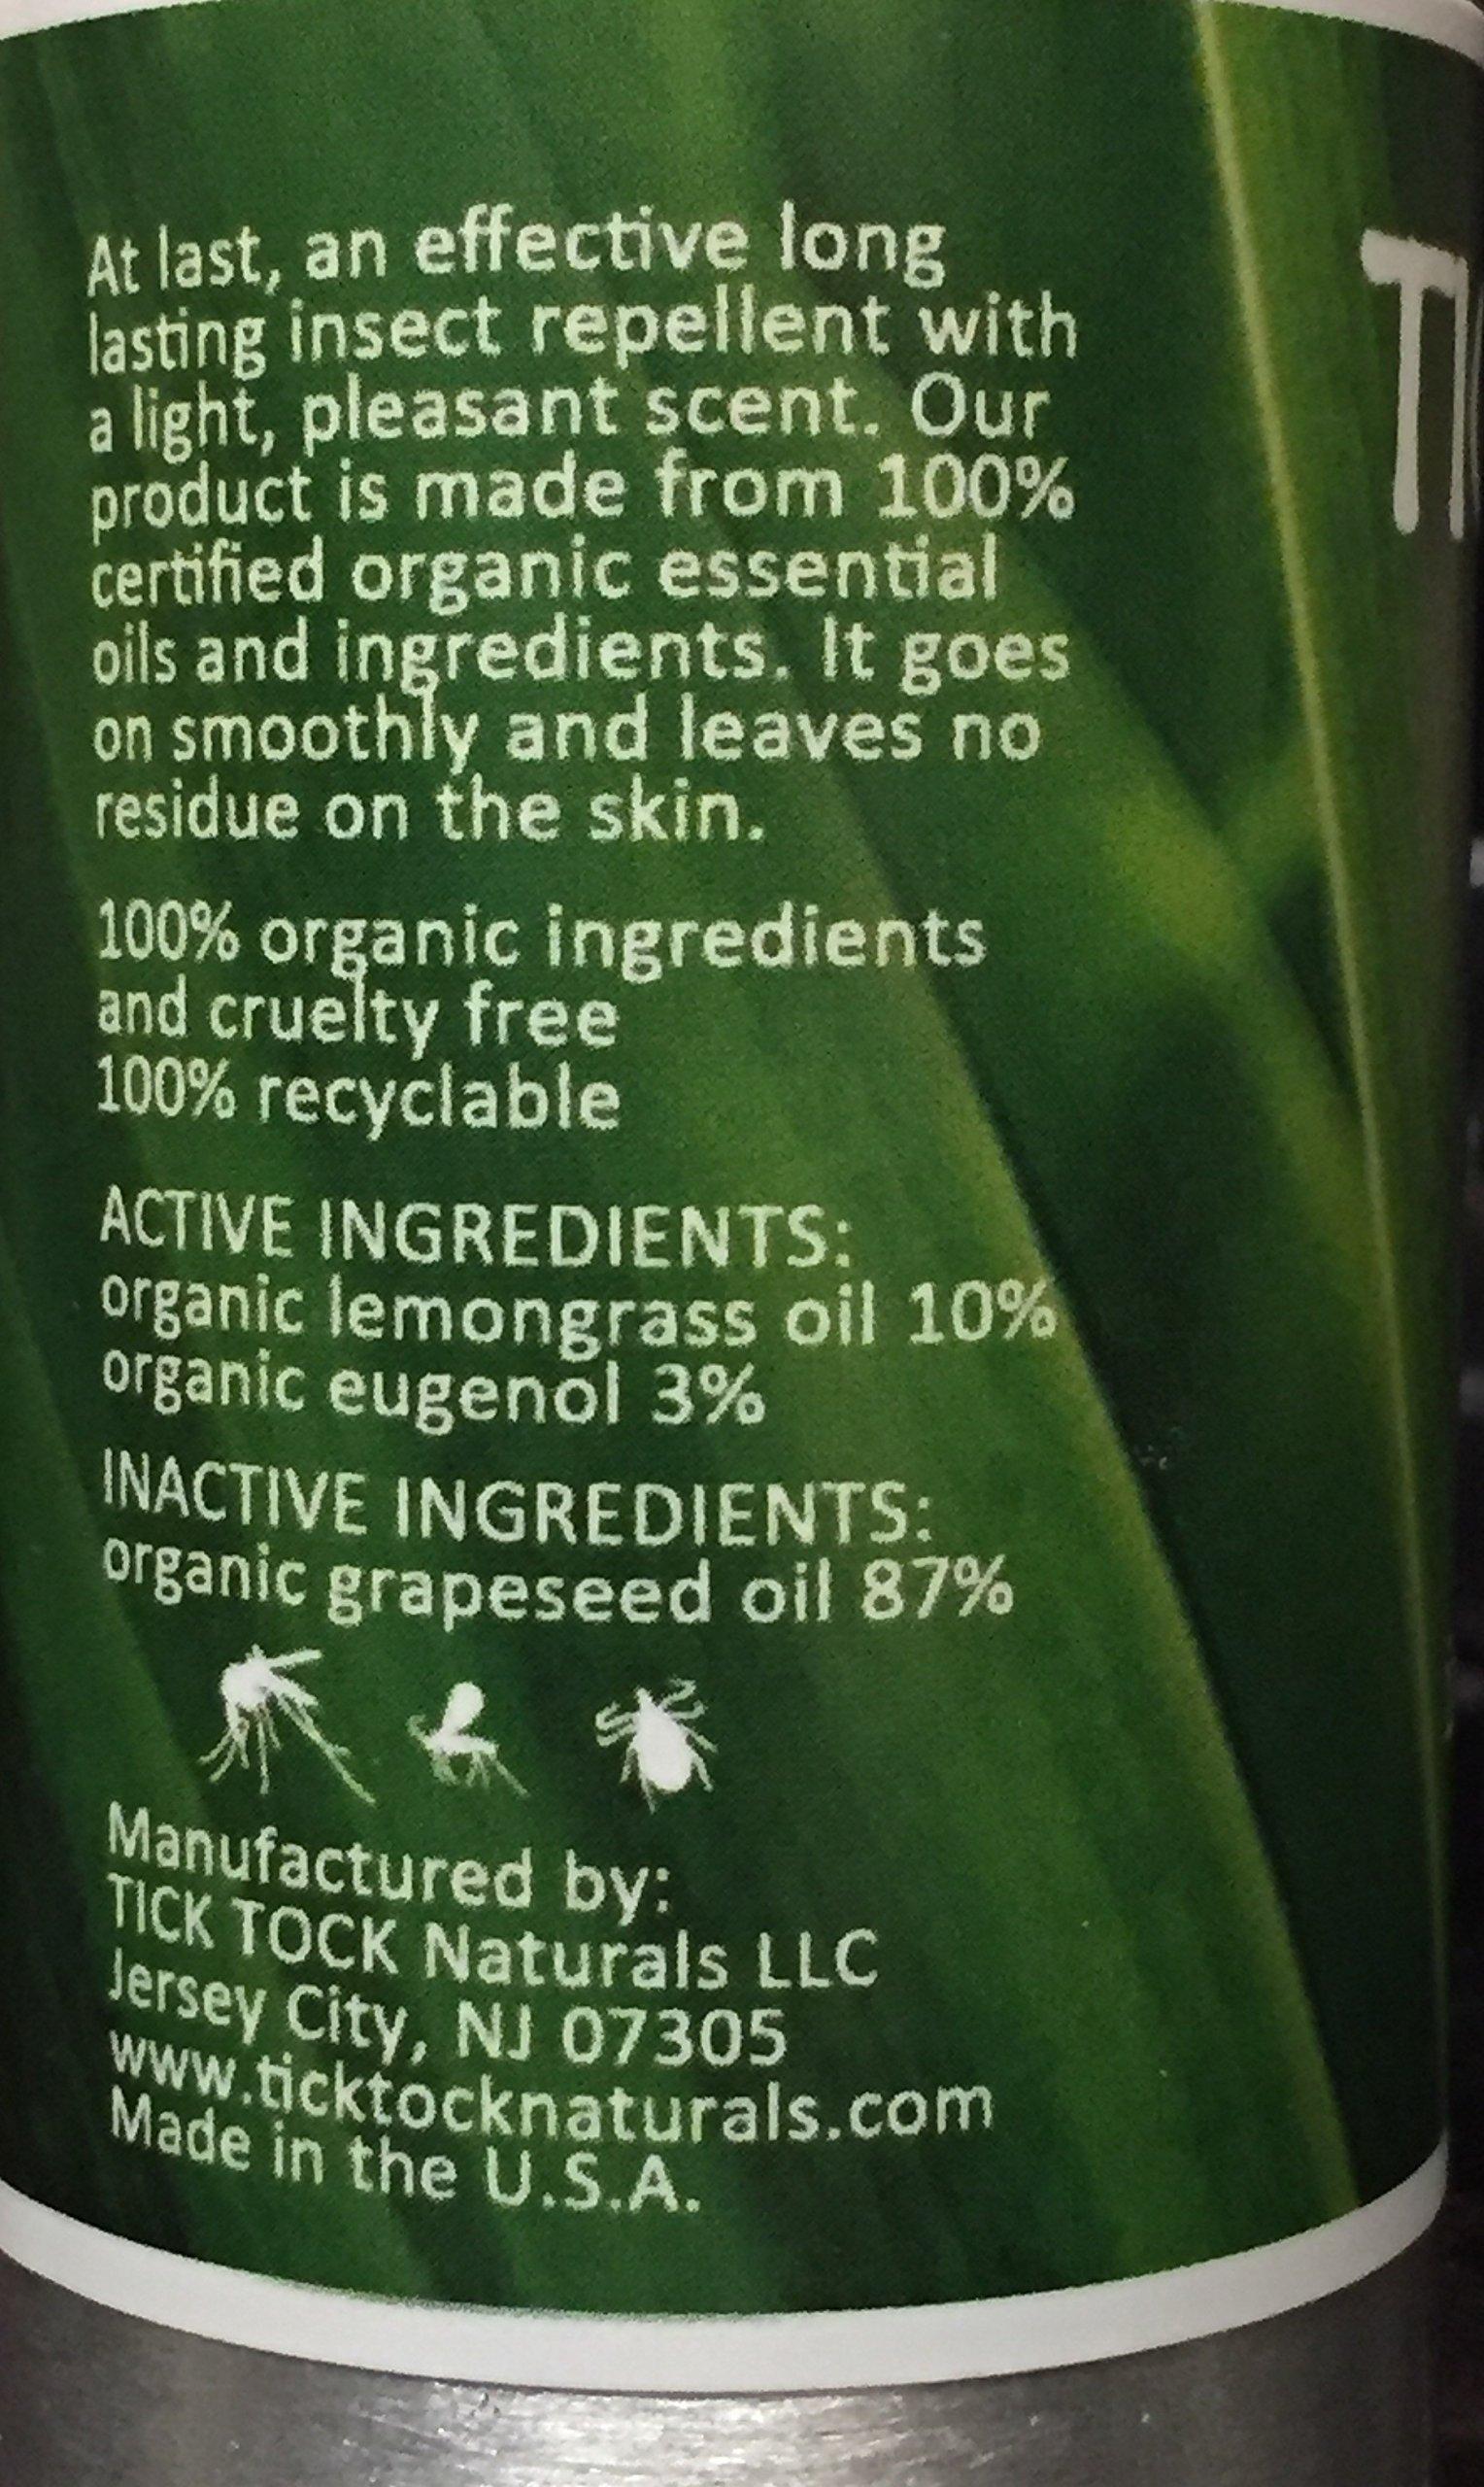 Tick Tock Naturals Organic Insect Repellent 2.5 fl. oz